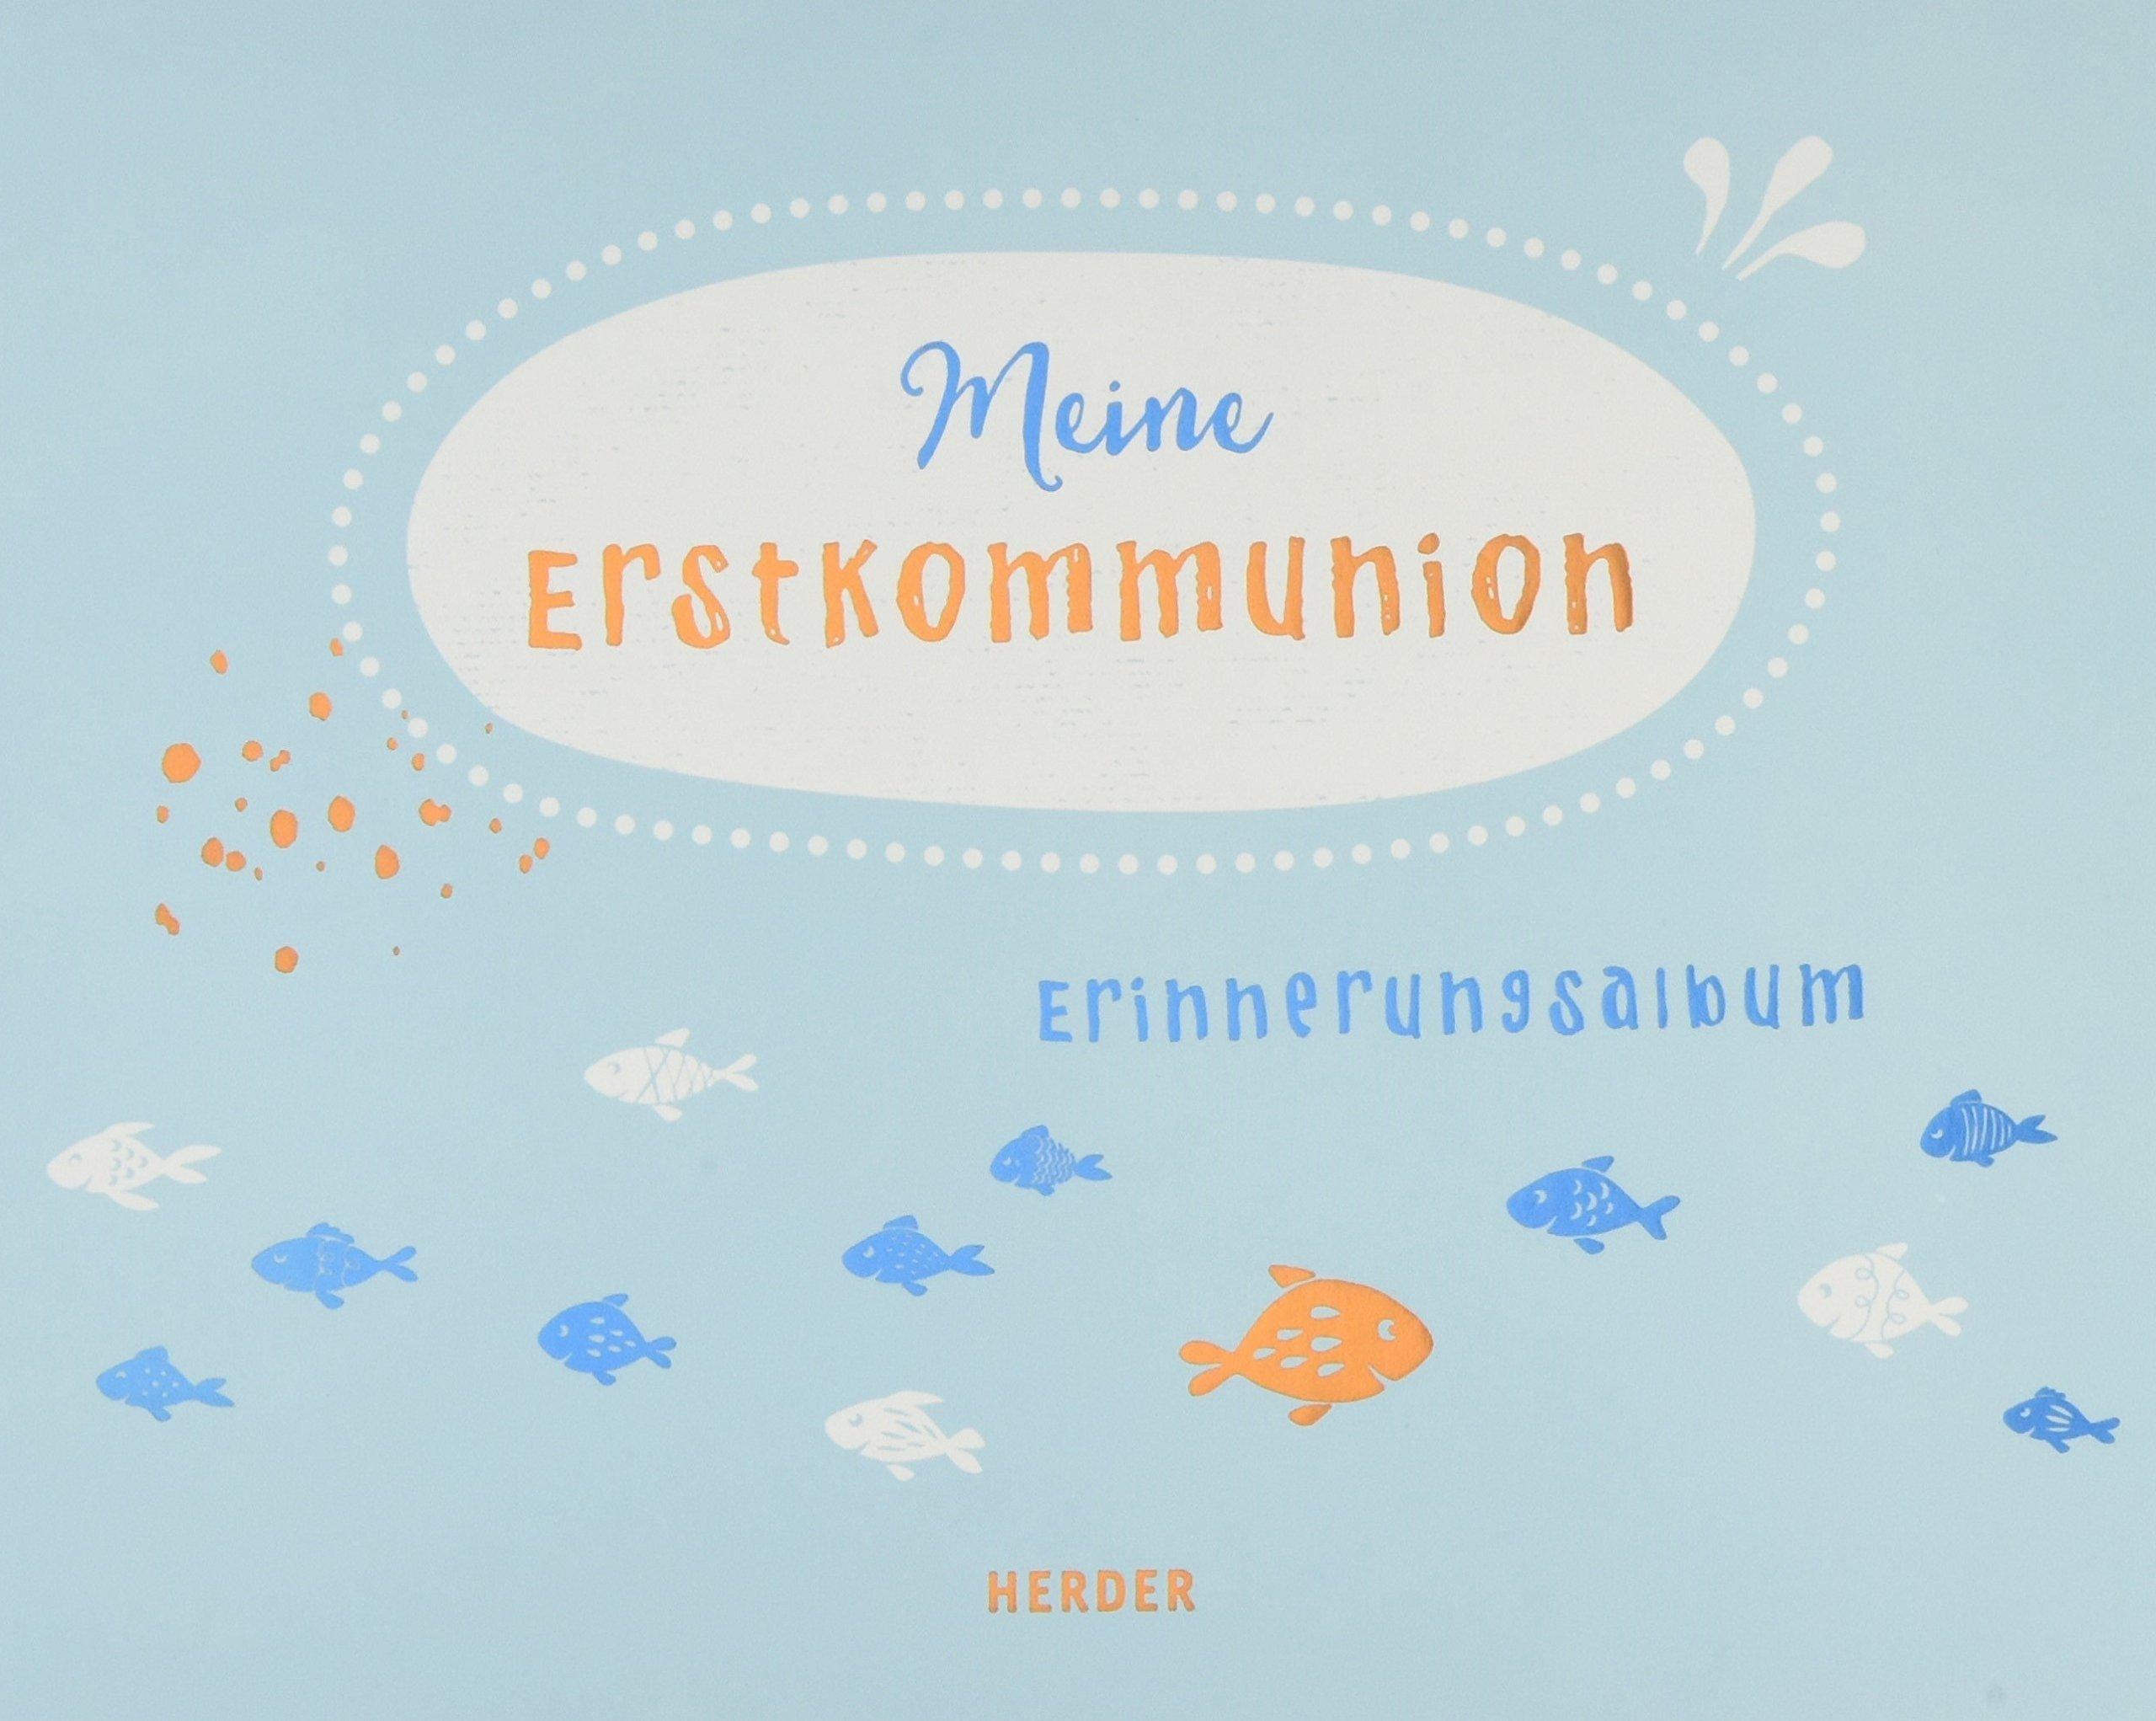 Meine Erstkommunion: Erinnerungsalbum groß